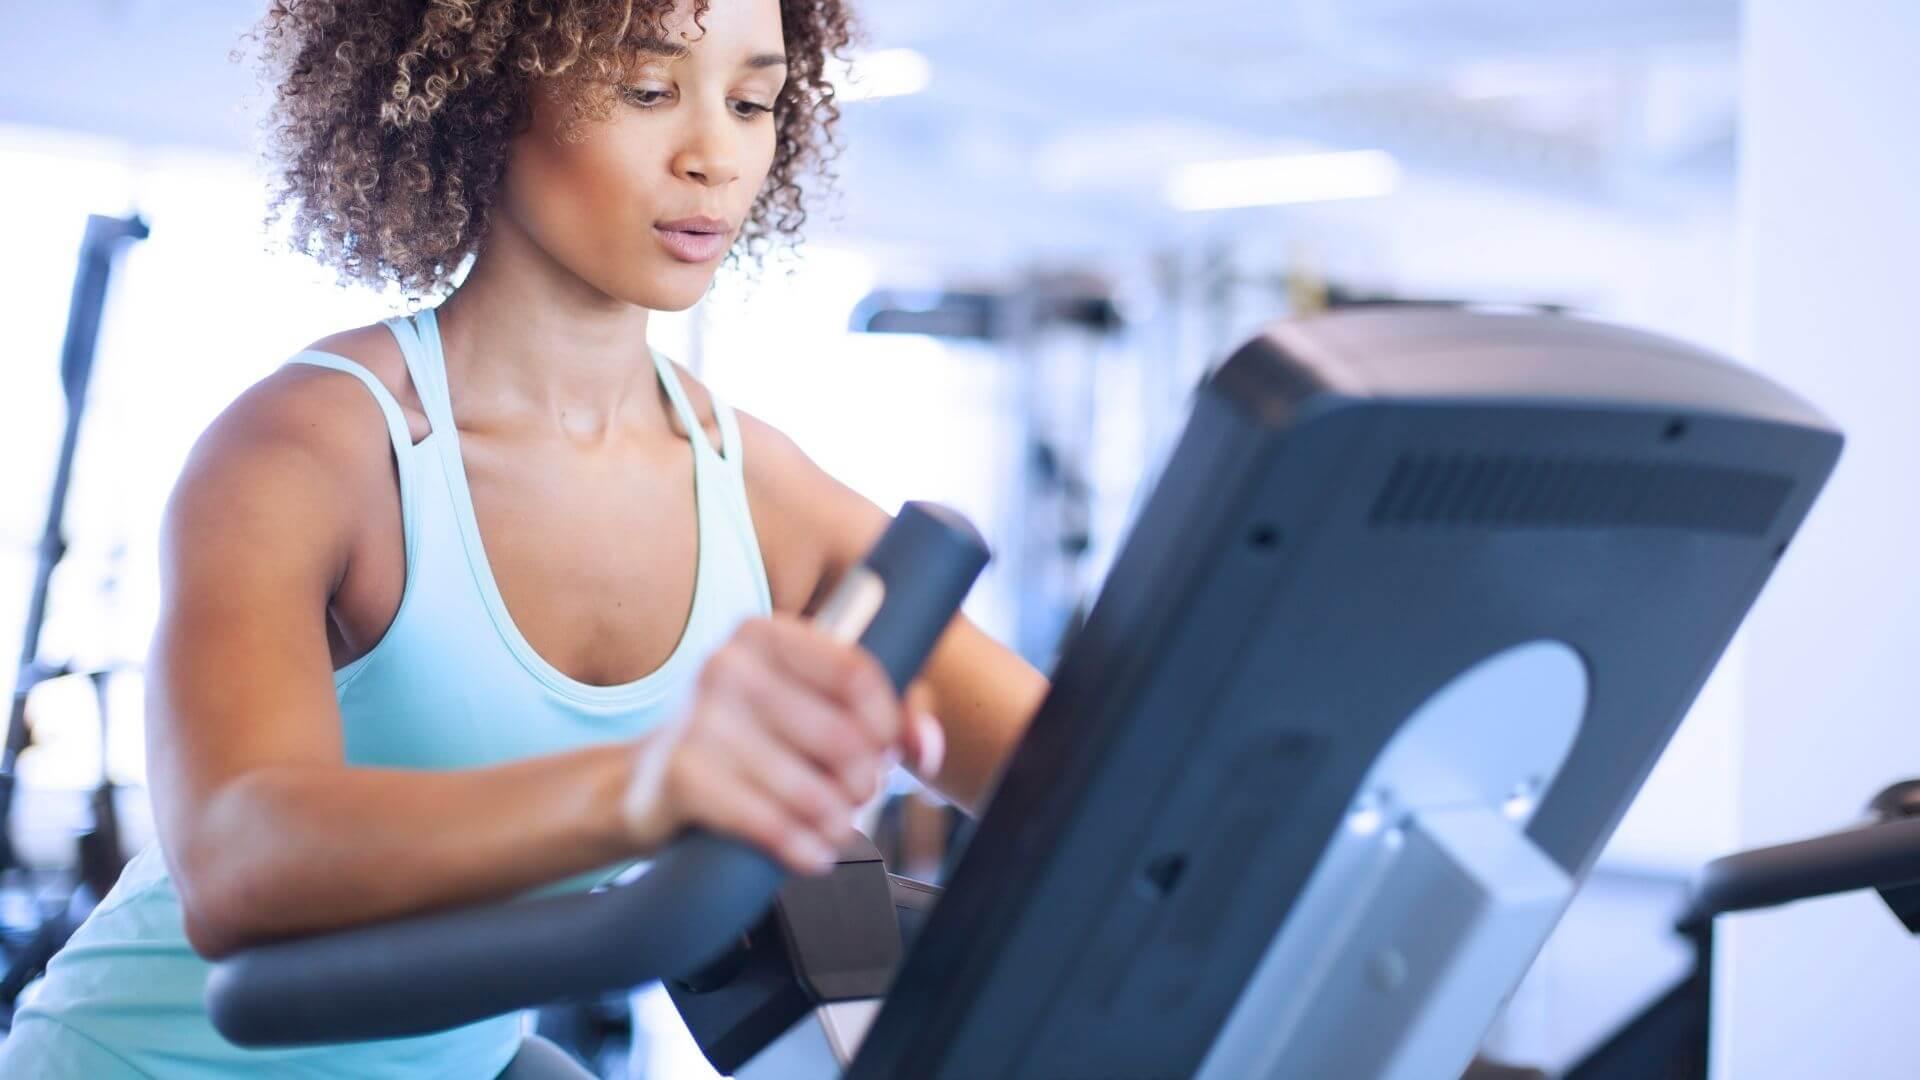 Elliptical at Gym Plus